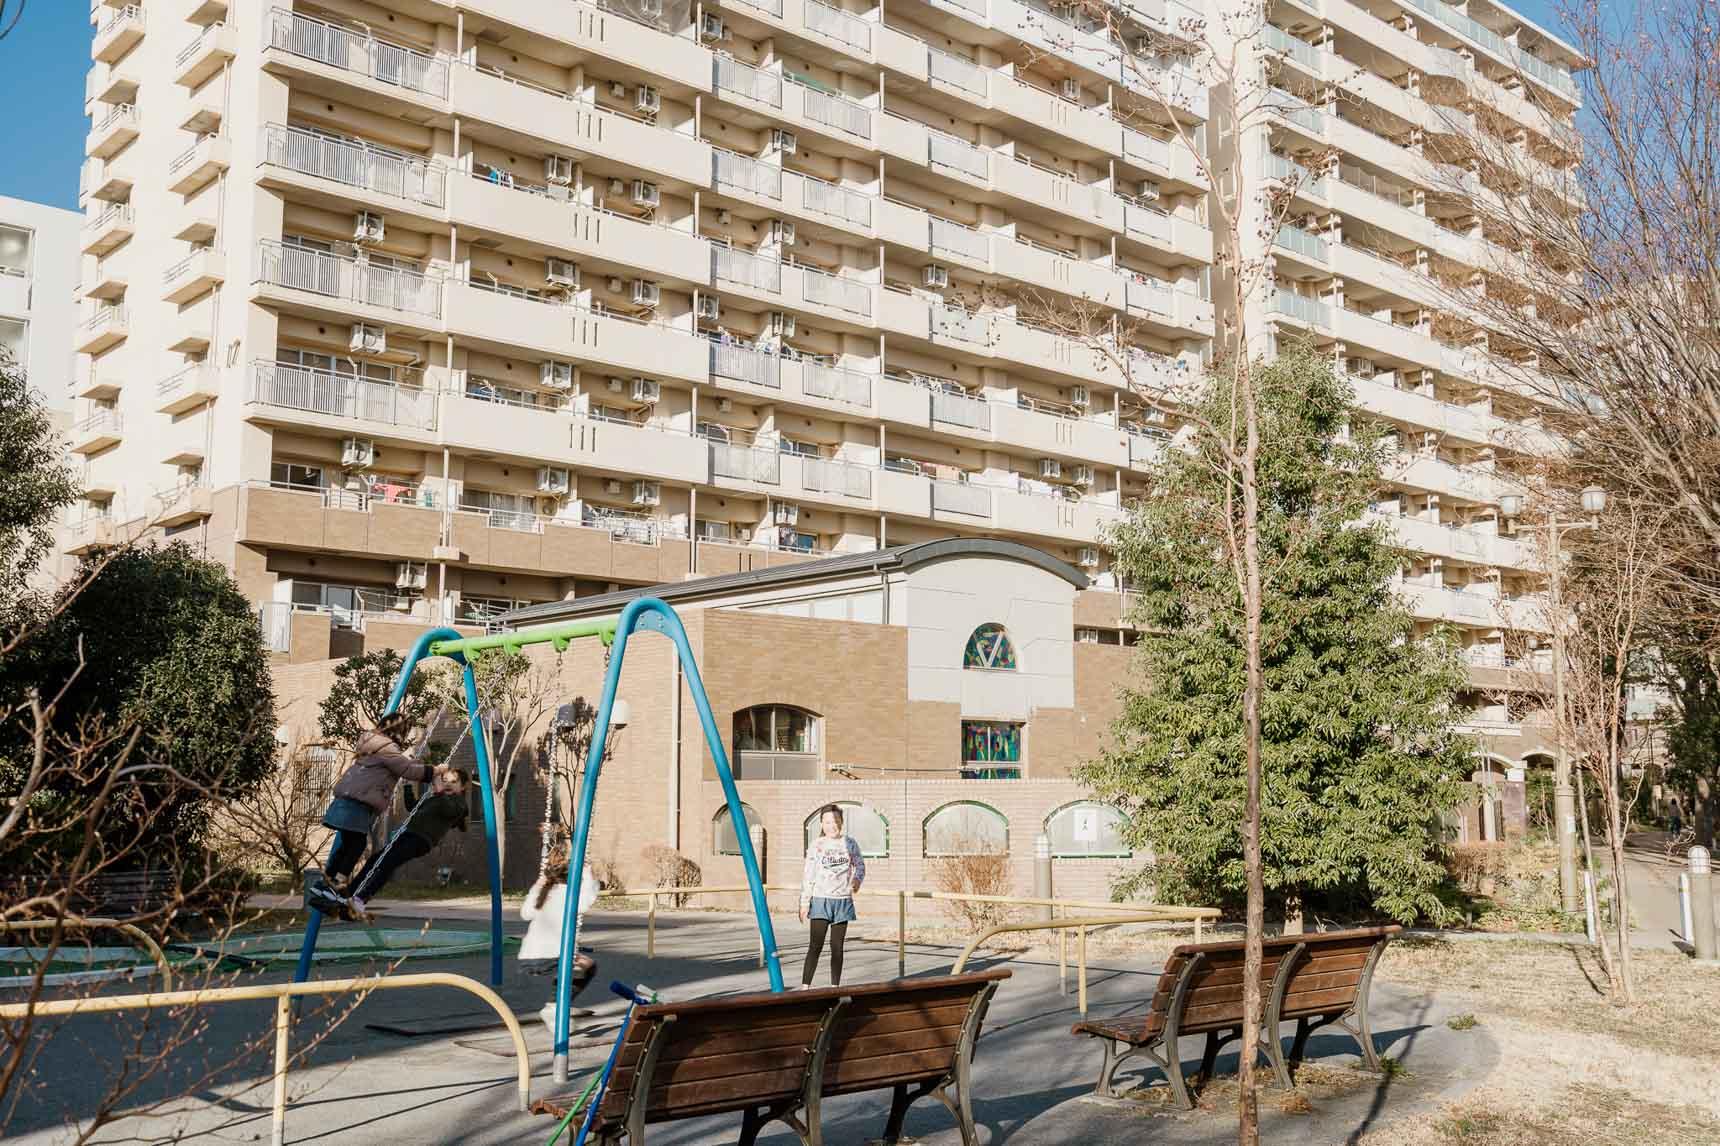 立派な木々の並ぶ駅周辺の道沿いには、遊具も豊富なプレイロットがたくさん設けられて、子どもたちが楽しく遊んでいます。